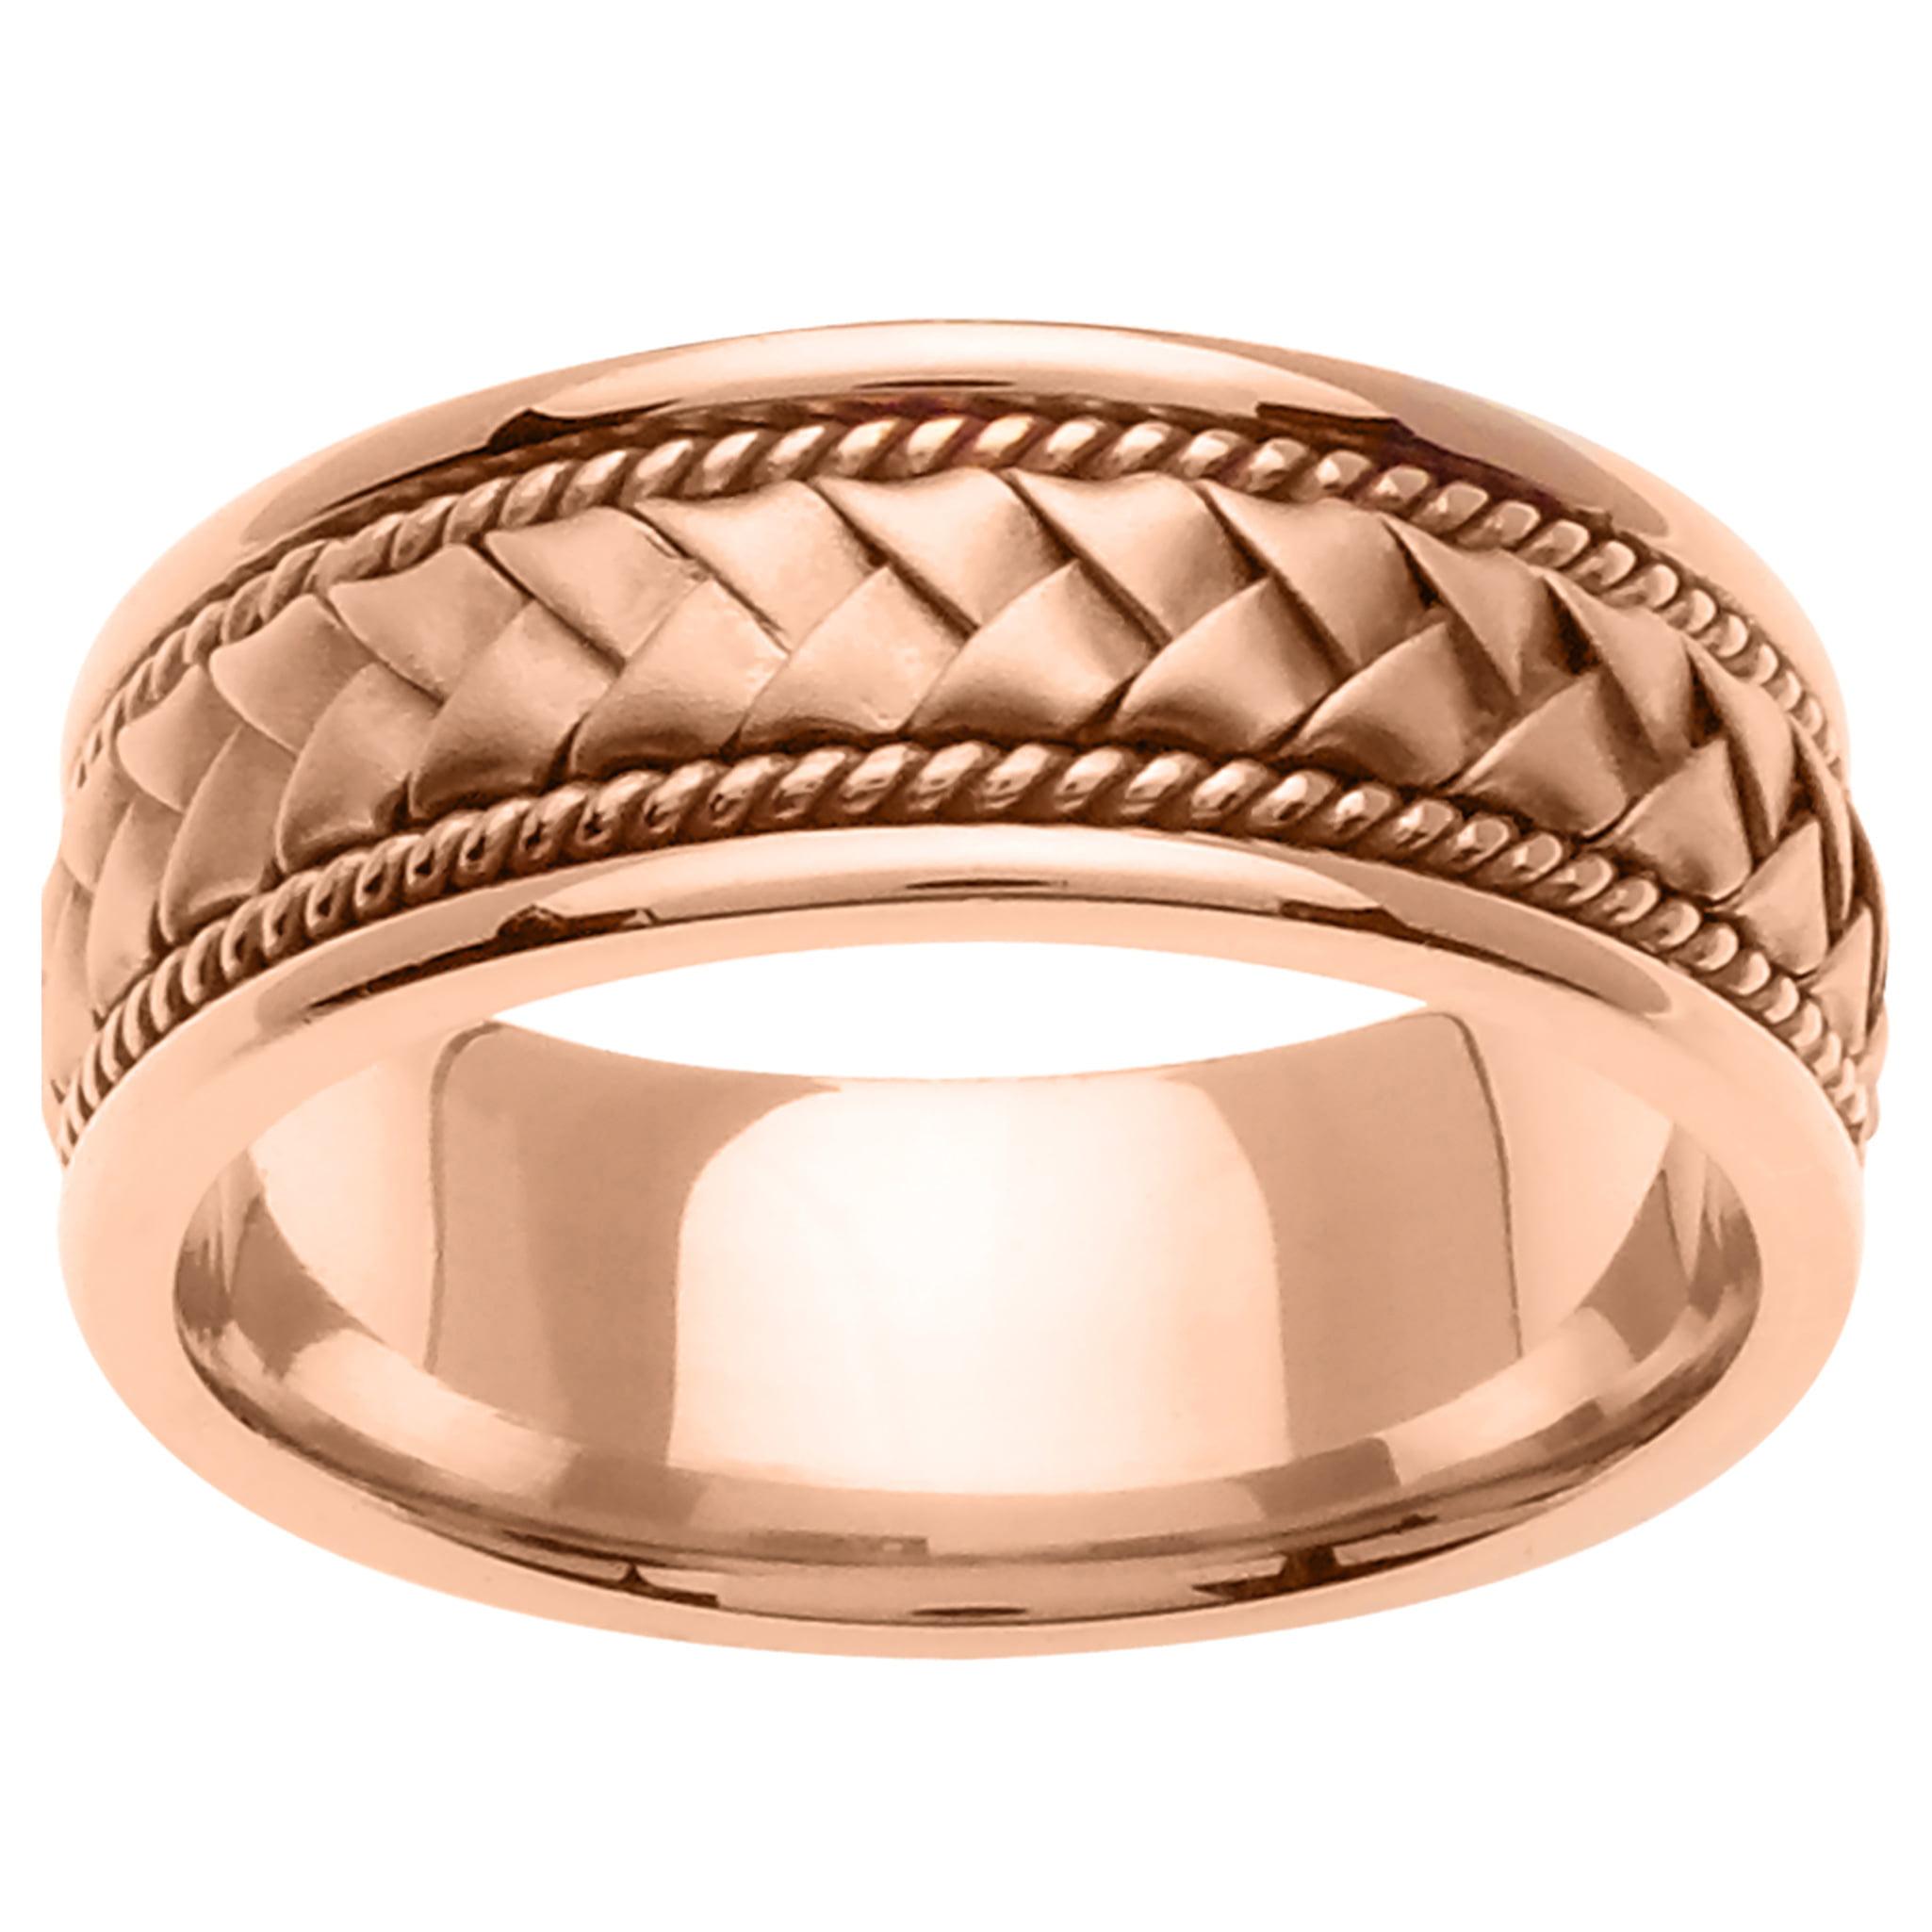 14K Rose Gold Basket Braid Handmade Comfort Fit Men's Wedding Band (8.5mm)